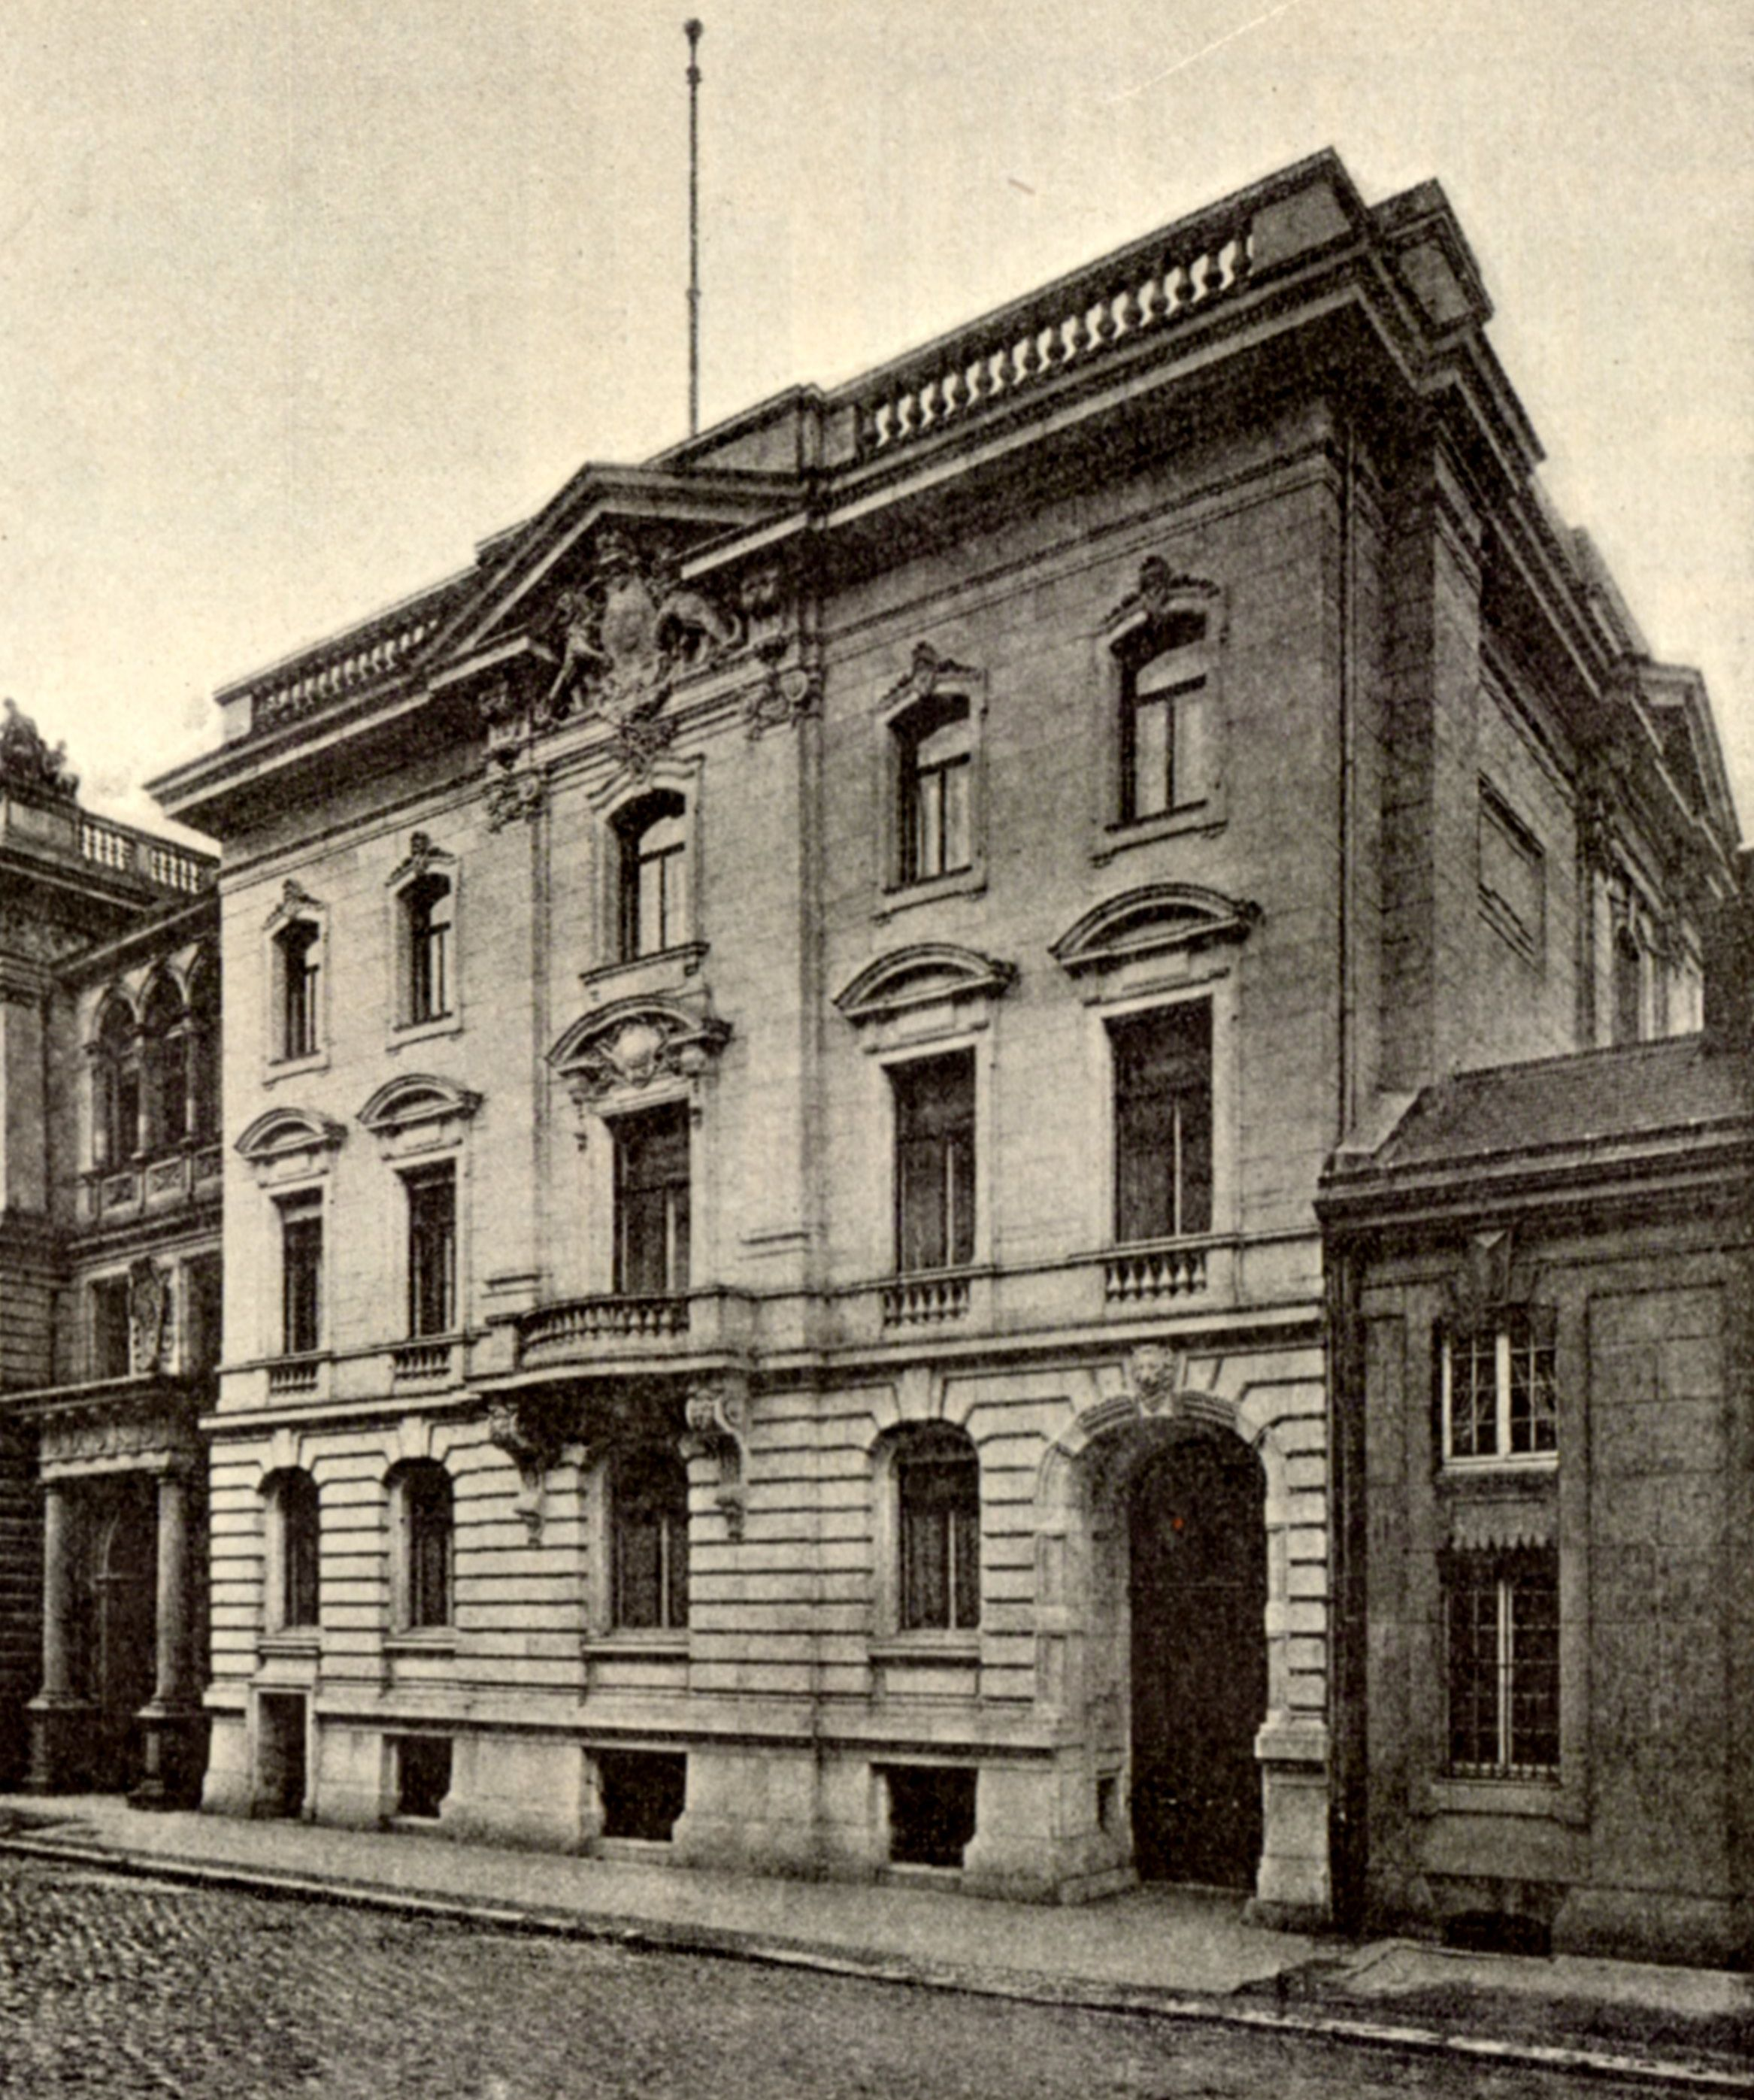 Berlin, Bayerische Gesandtschaft in der Vossstraße 1896